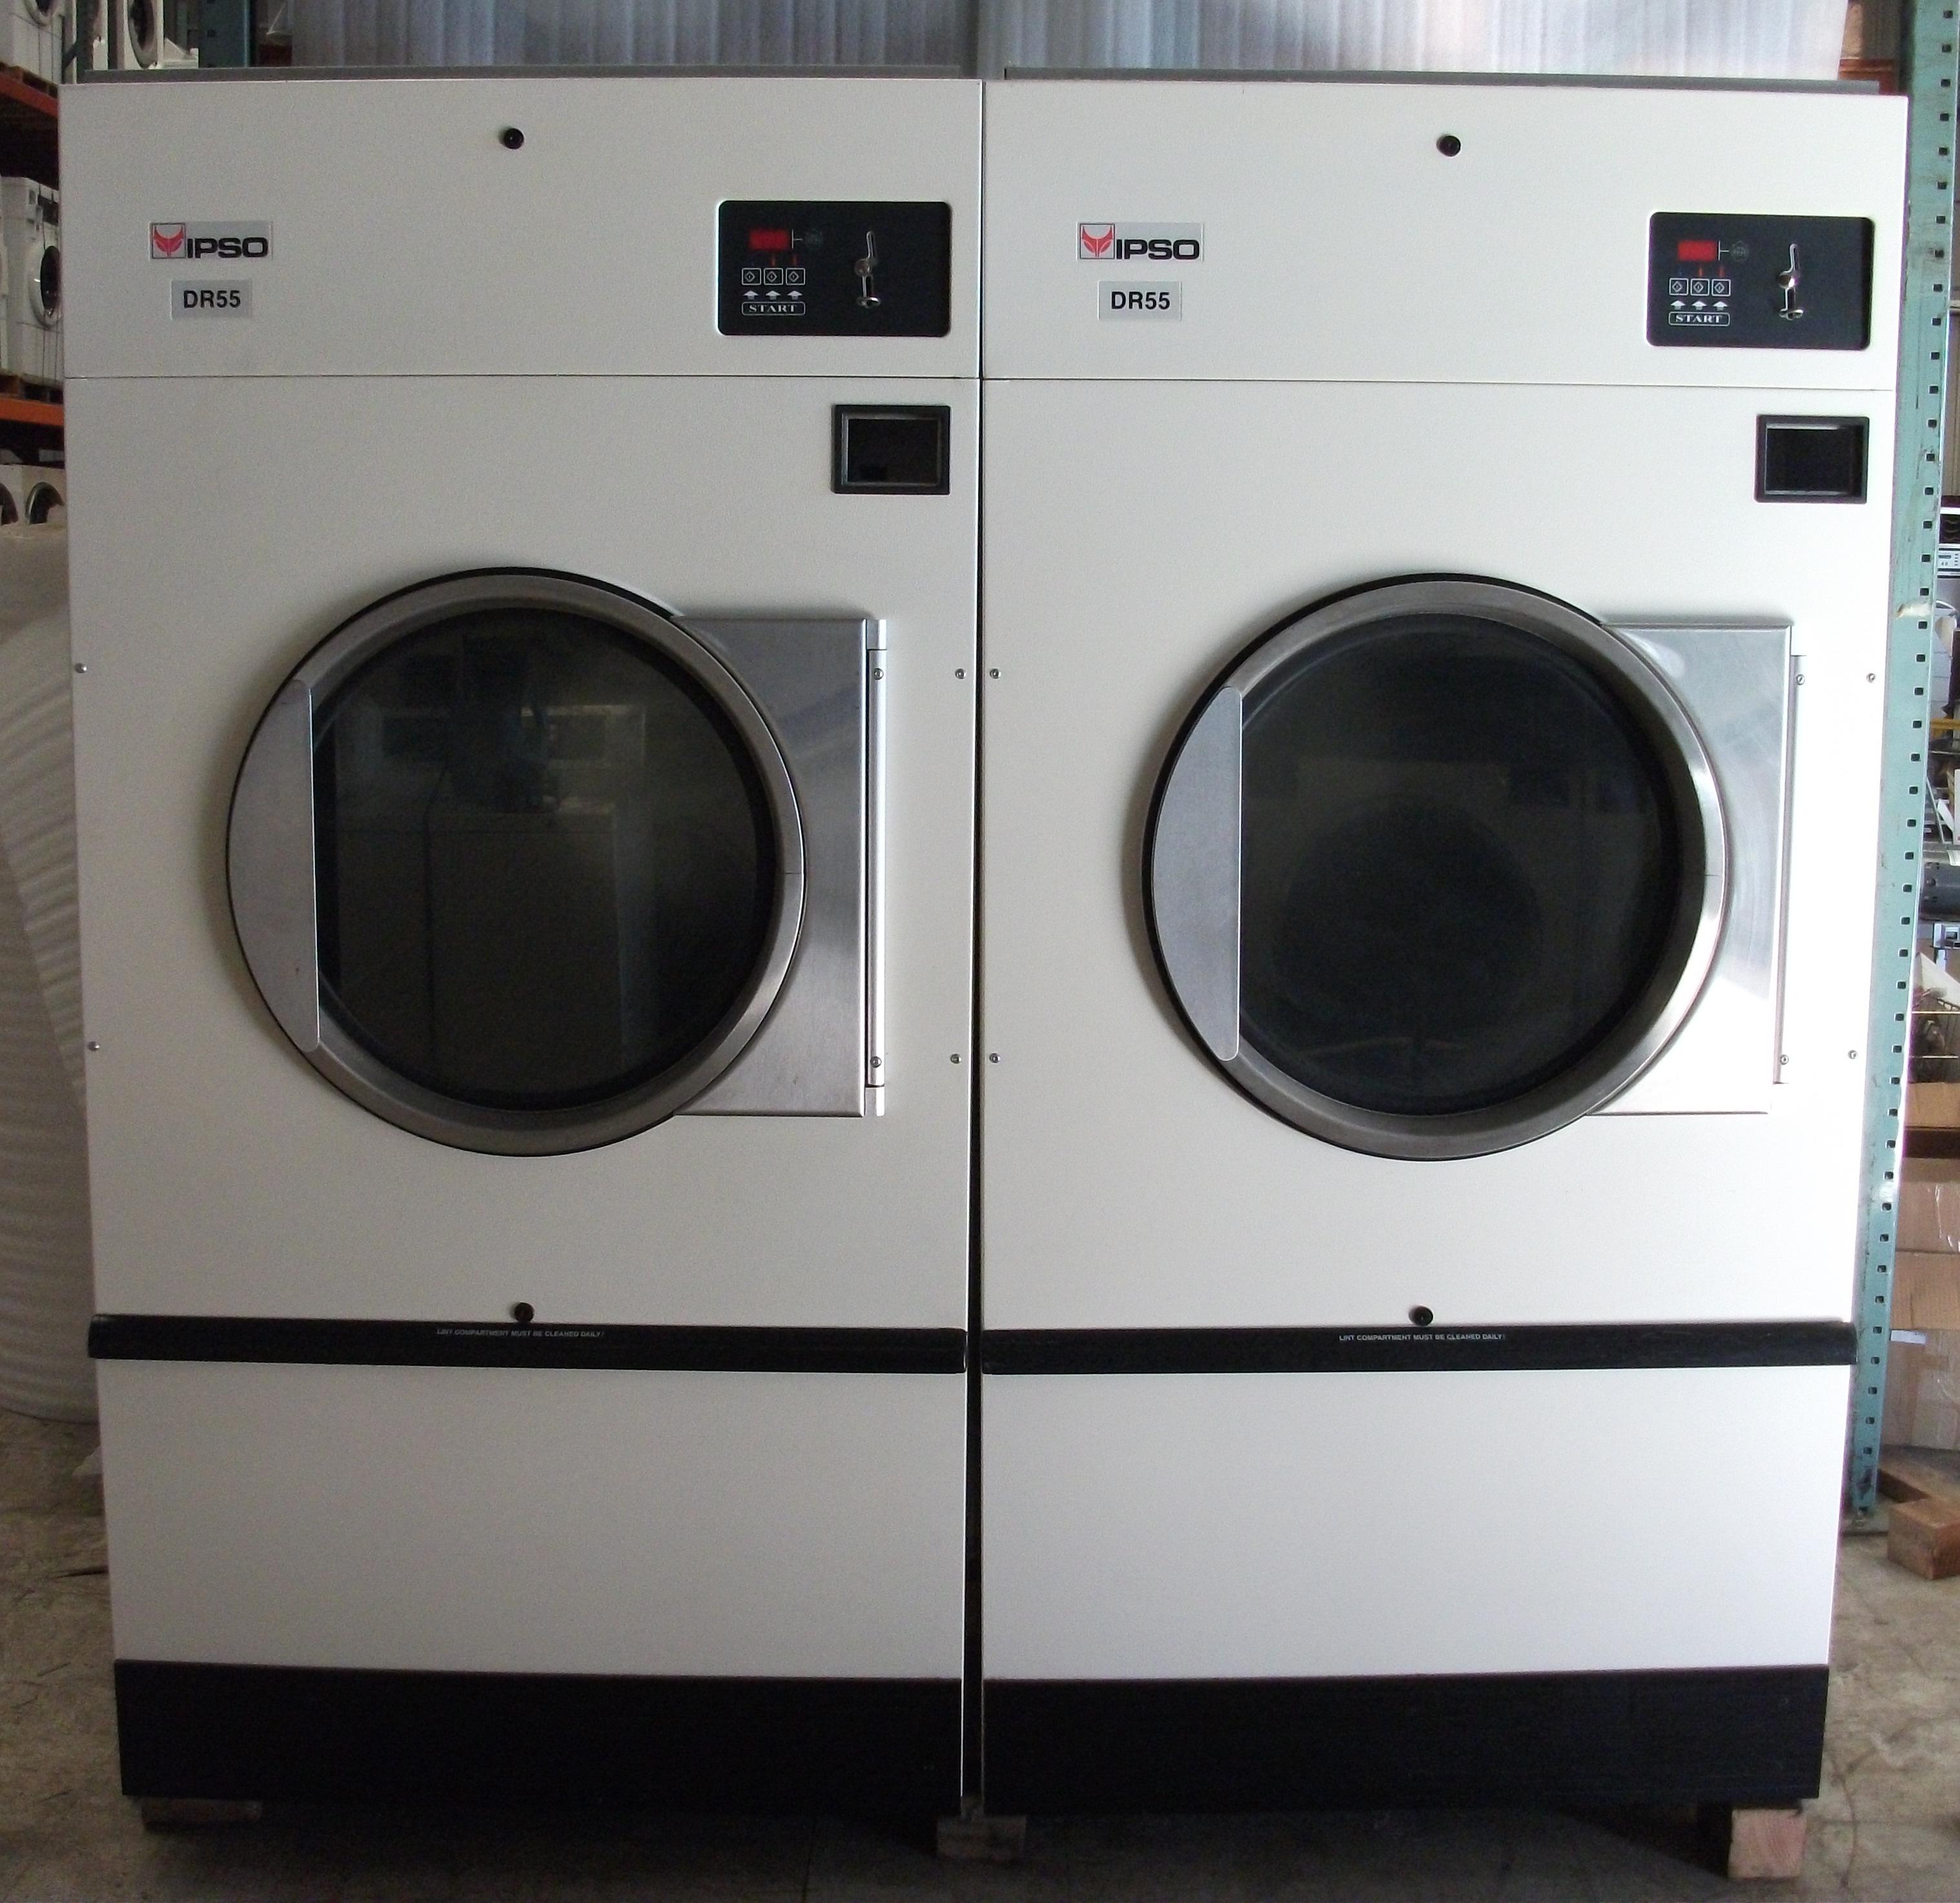 ipso dr55 55lb dryer. Black Bedroom Furniture Sets. Home Design Ideas